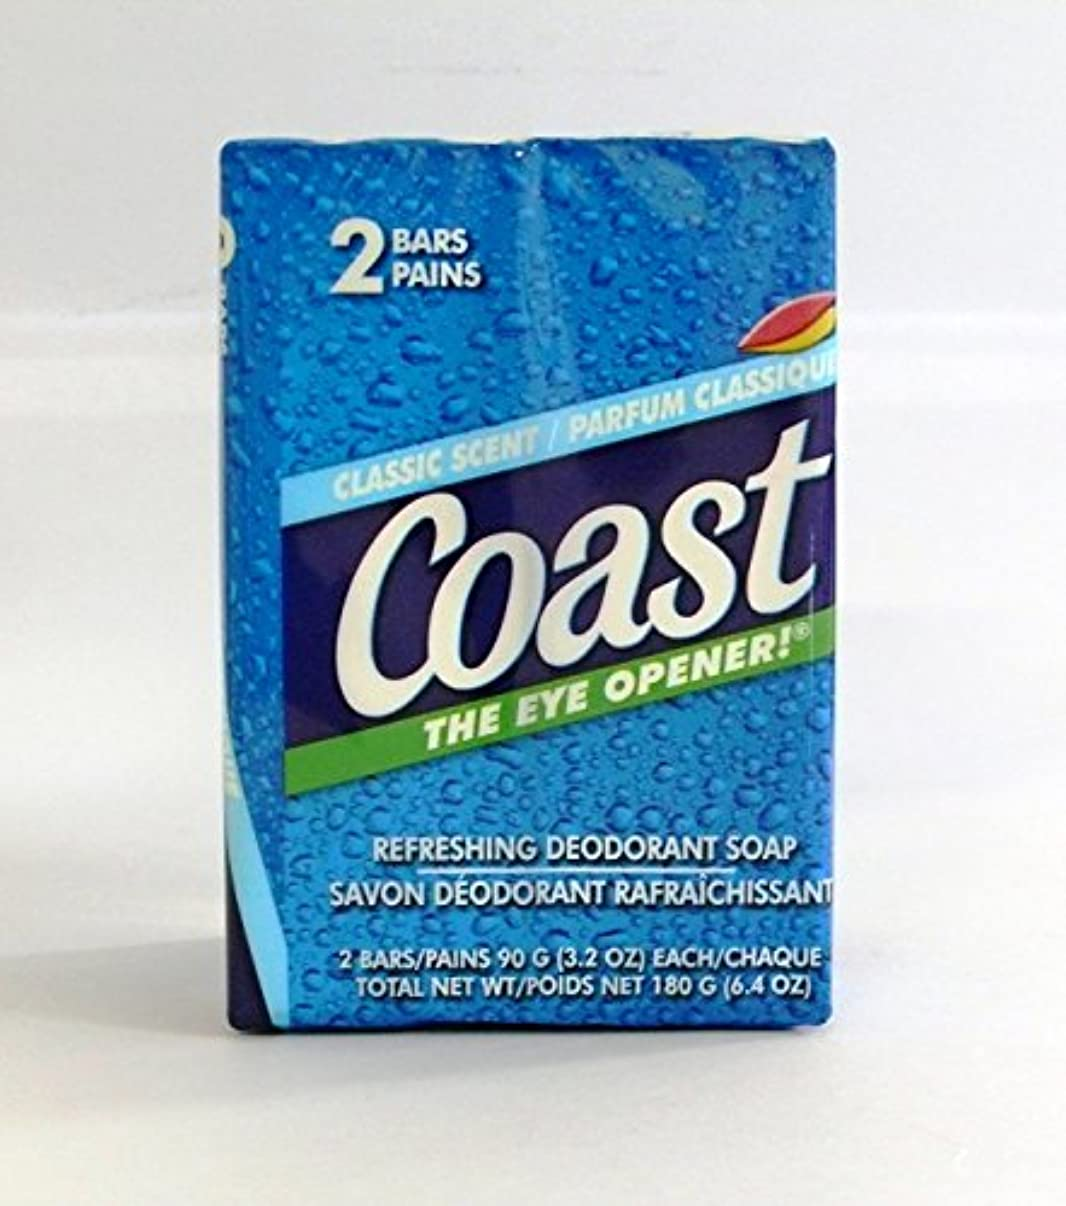 パドル香港思いやりのあるコースト 固形石鹸 クラシックセント 90g 2個入